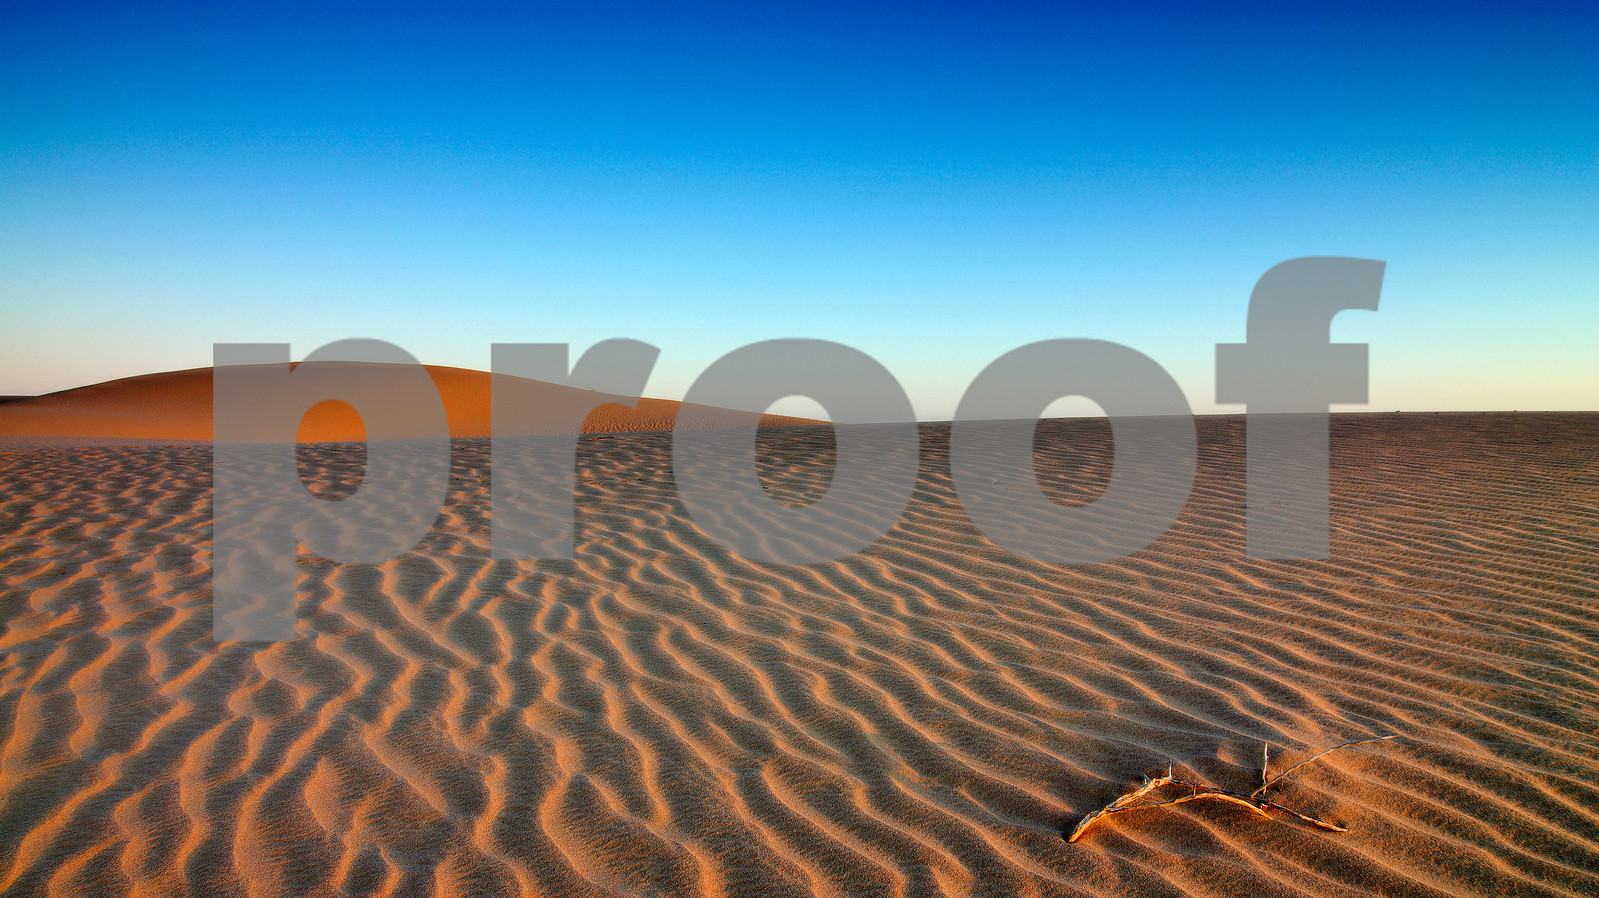 Vigar Well dunes, Mungo National Park